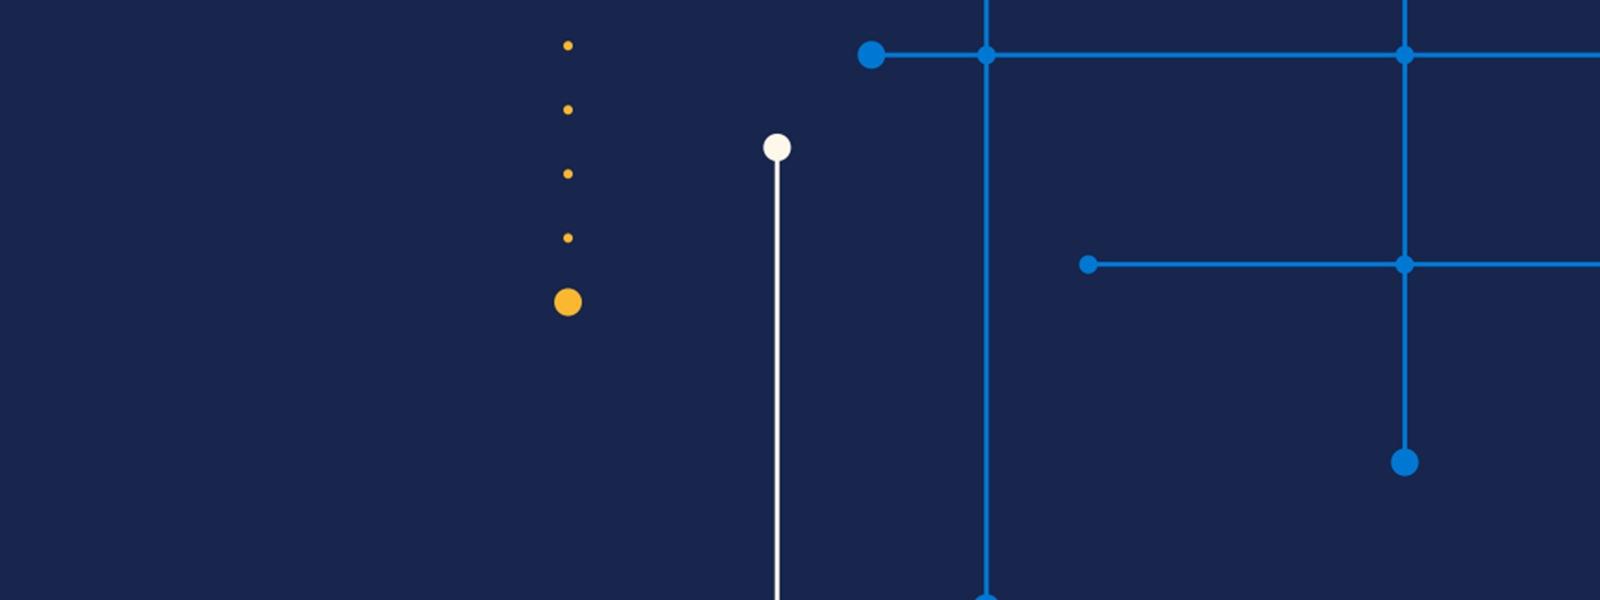 Eine Illustration von quer laufenden Linien für das Microsoft Envision Forum 2020